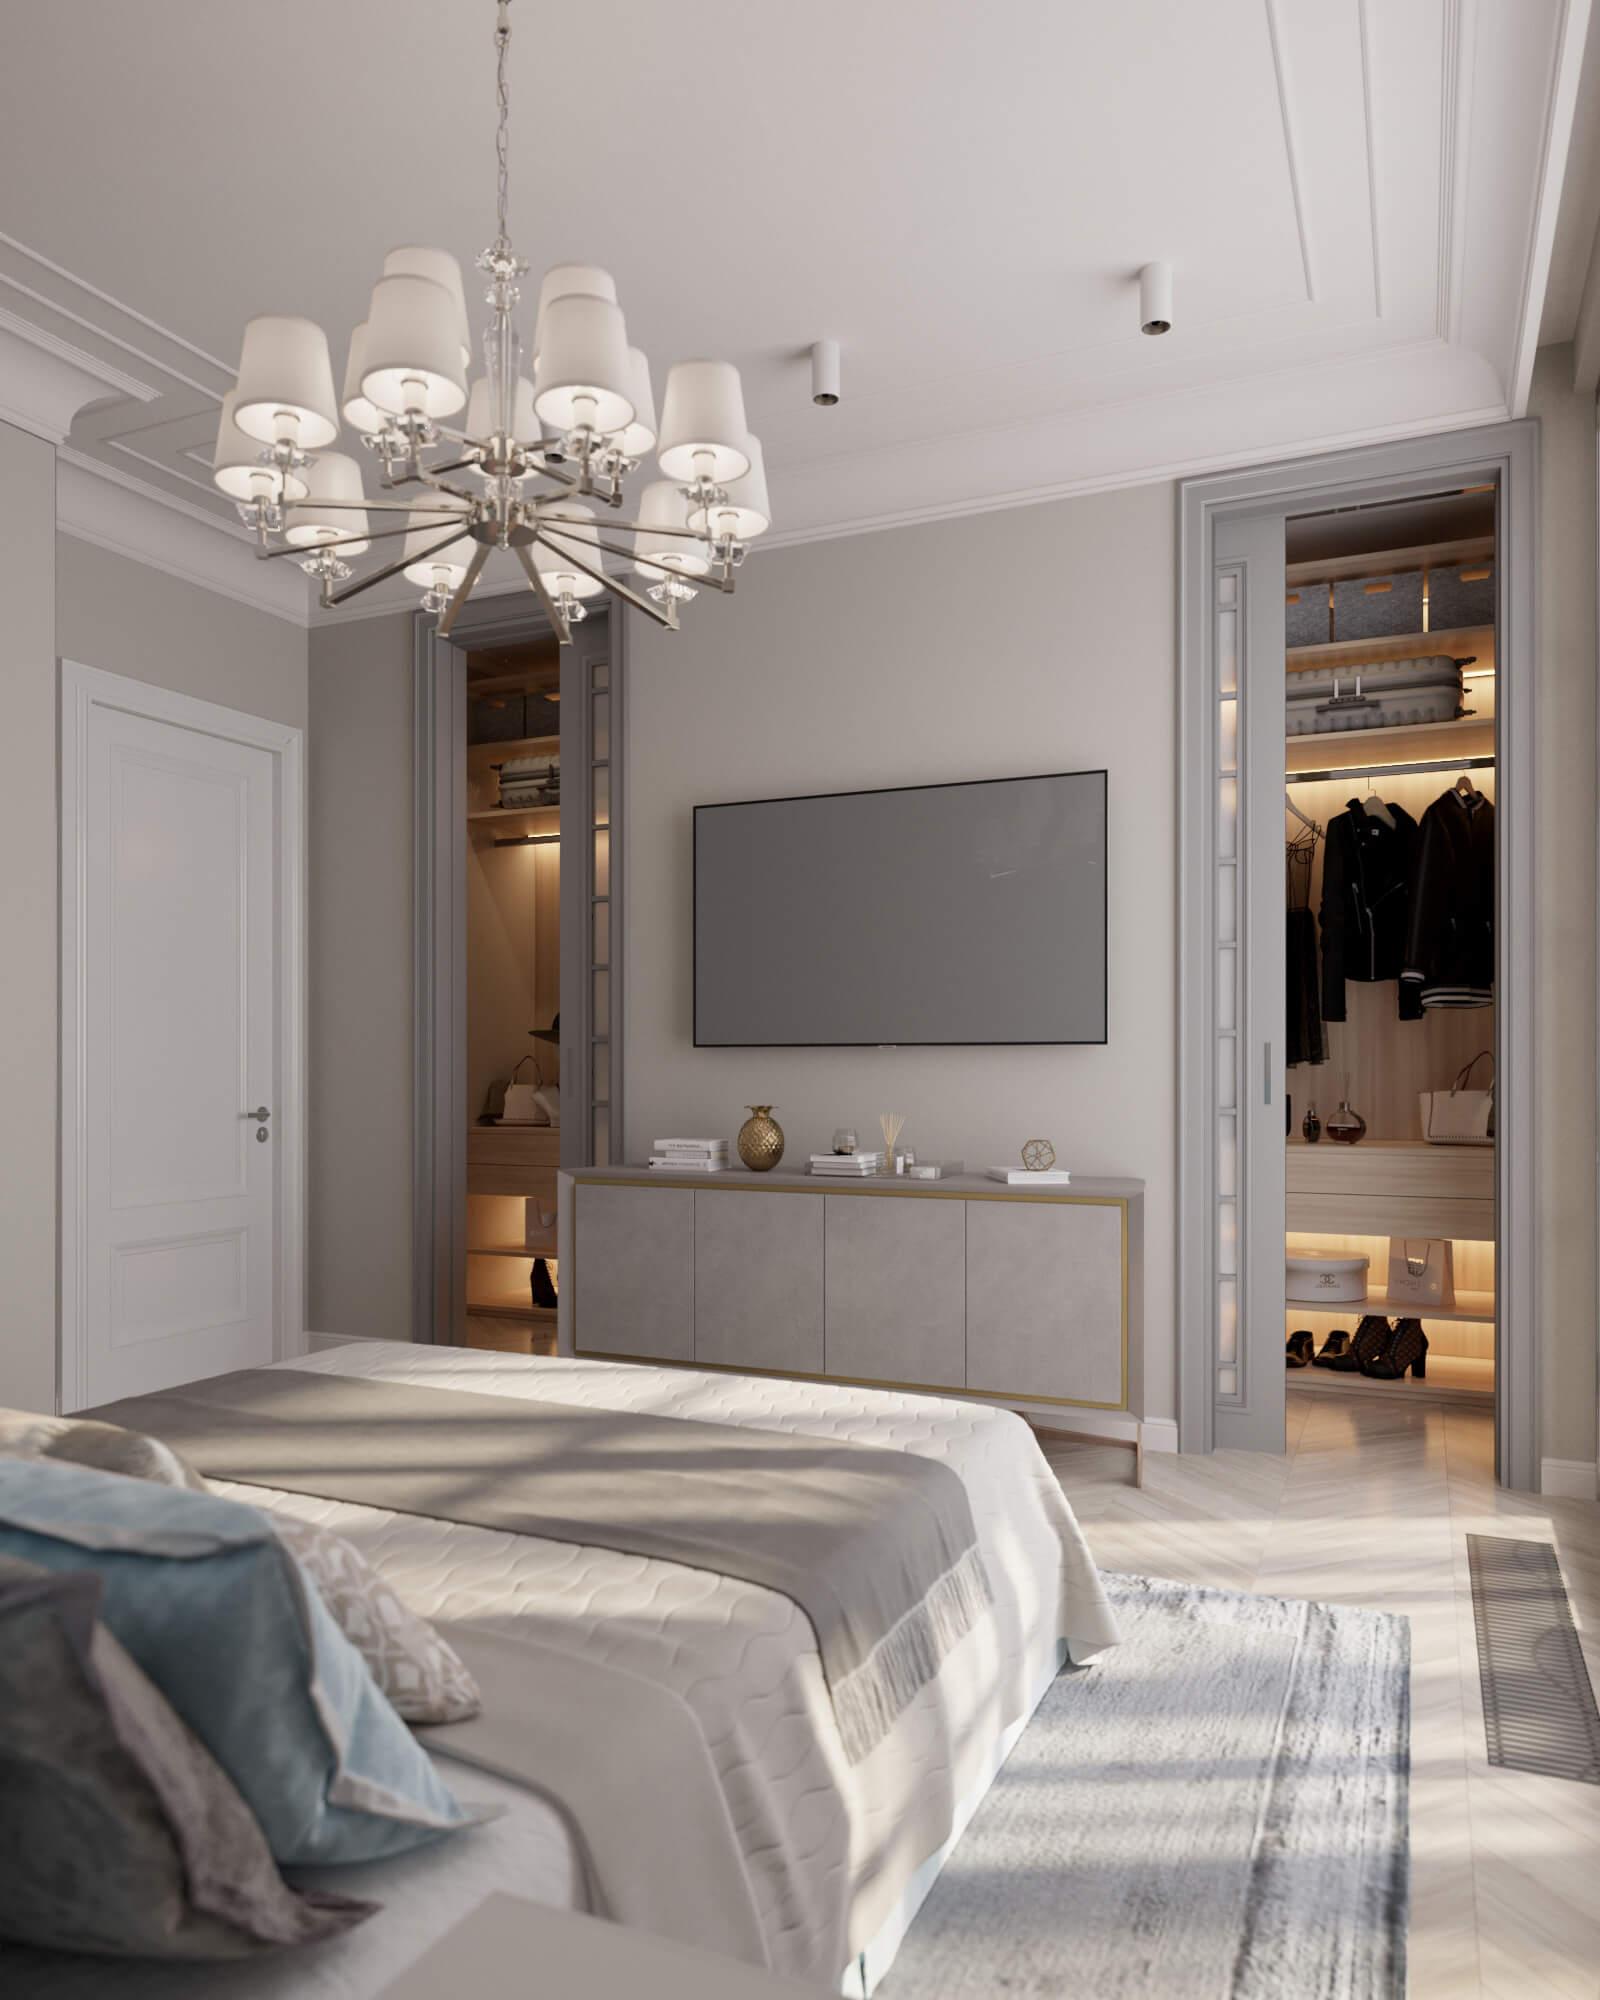 Нежная просторная спальня с цветным изголовьем кровати